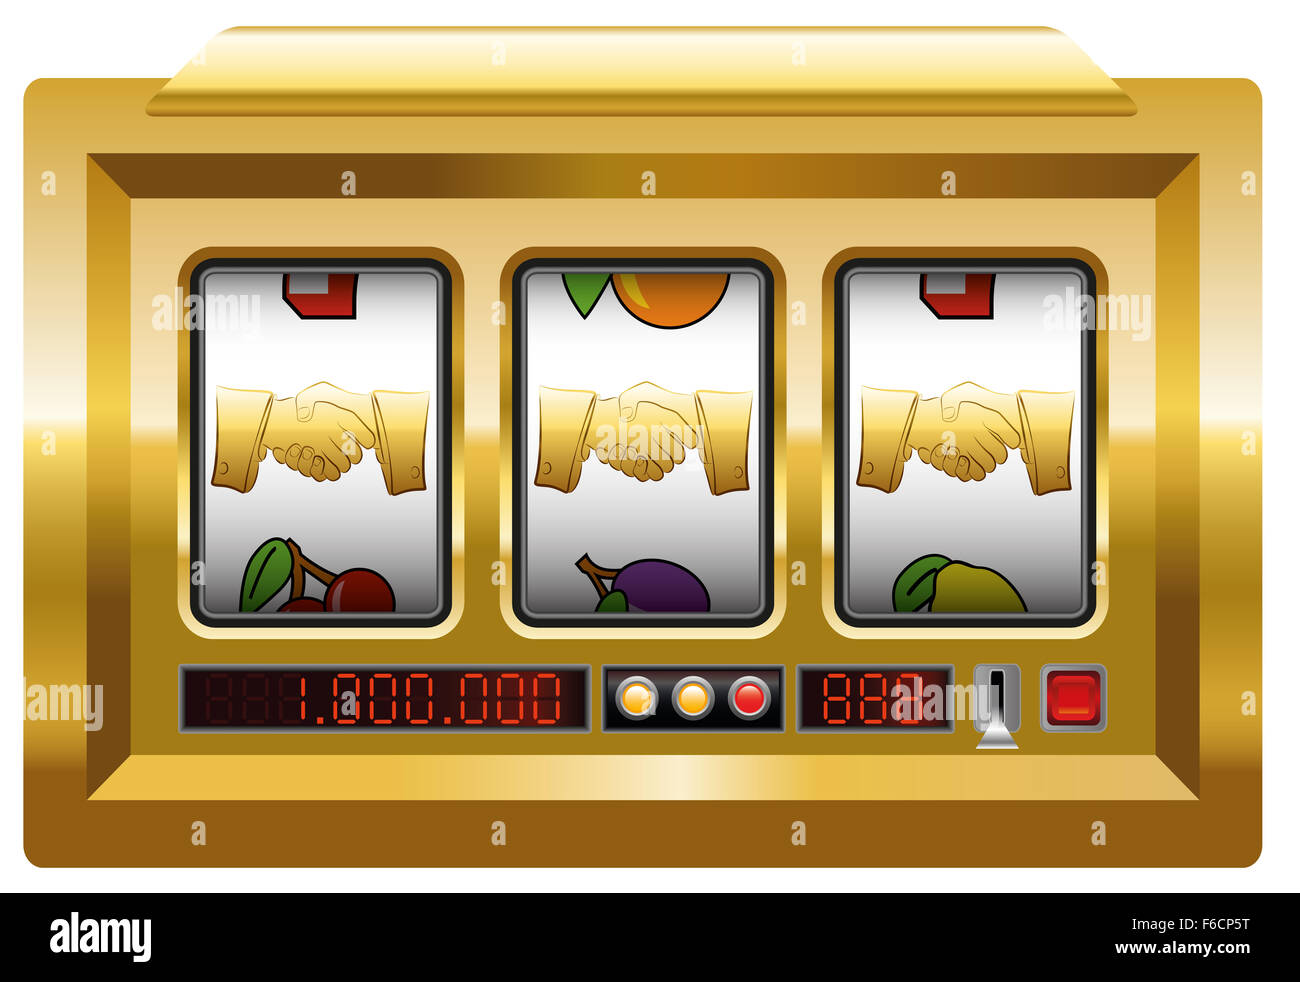 Golden handshake - slot machine con tre simboli di handshake. Immagini Stock